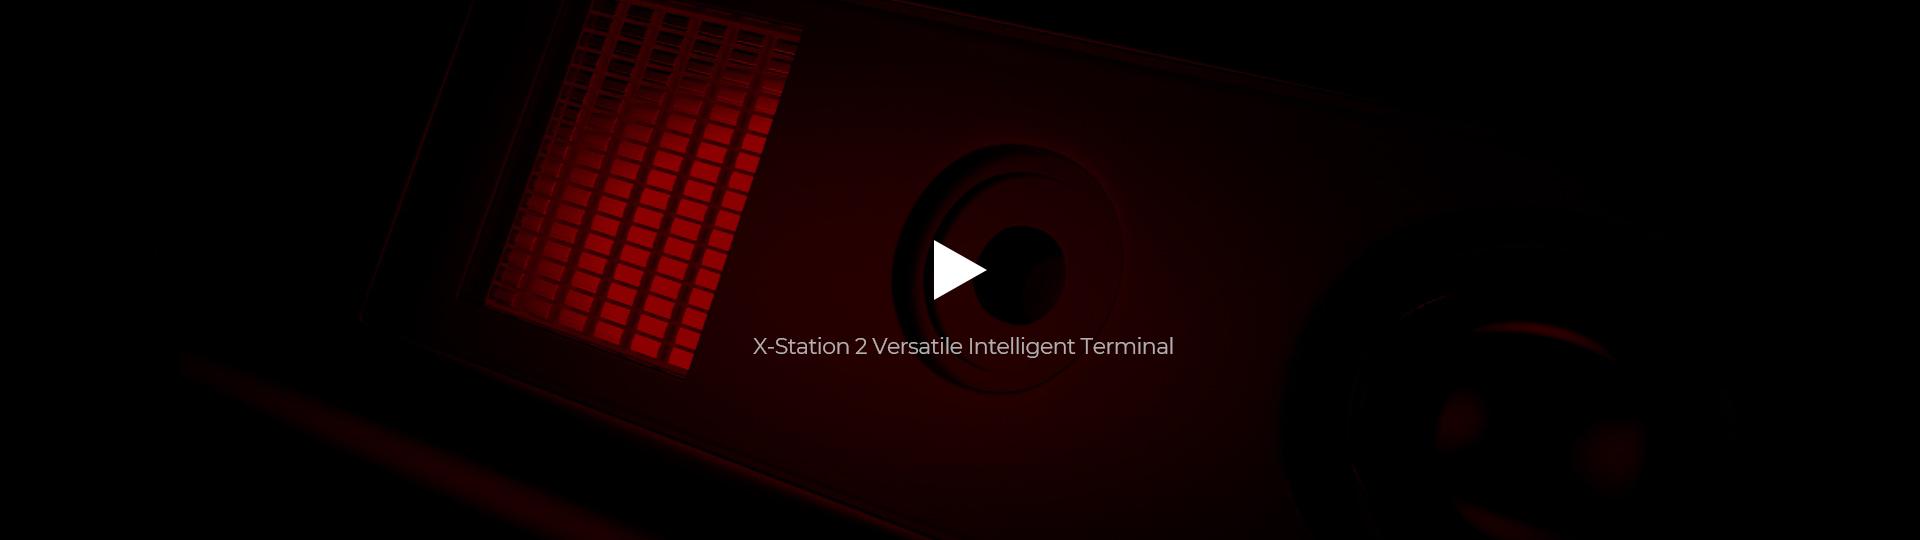 Suprema X-Station 2